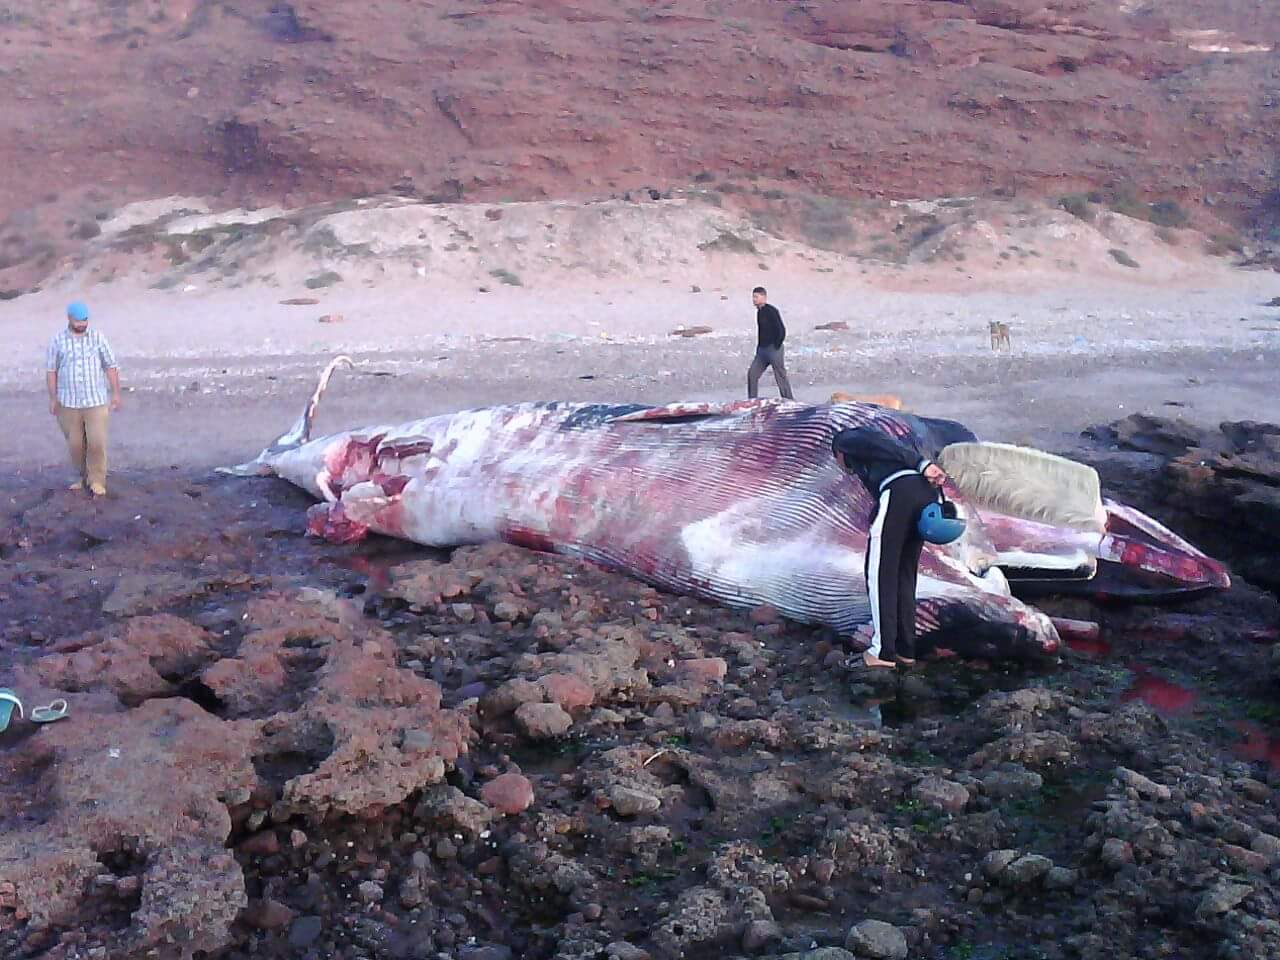 بالصور: العثور على حوت ضخم بشاطئ بسيدي افني